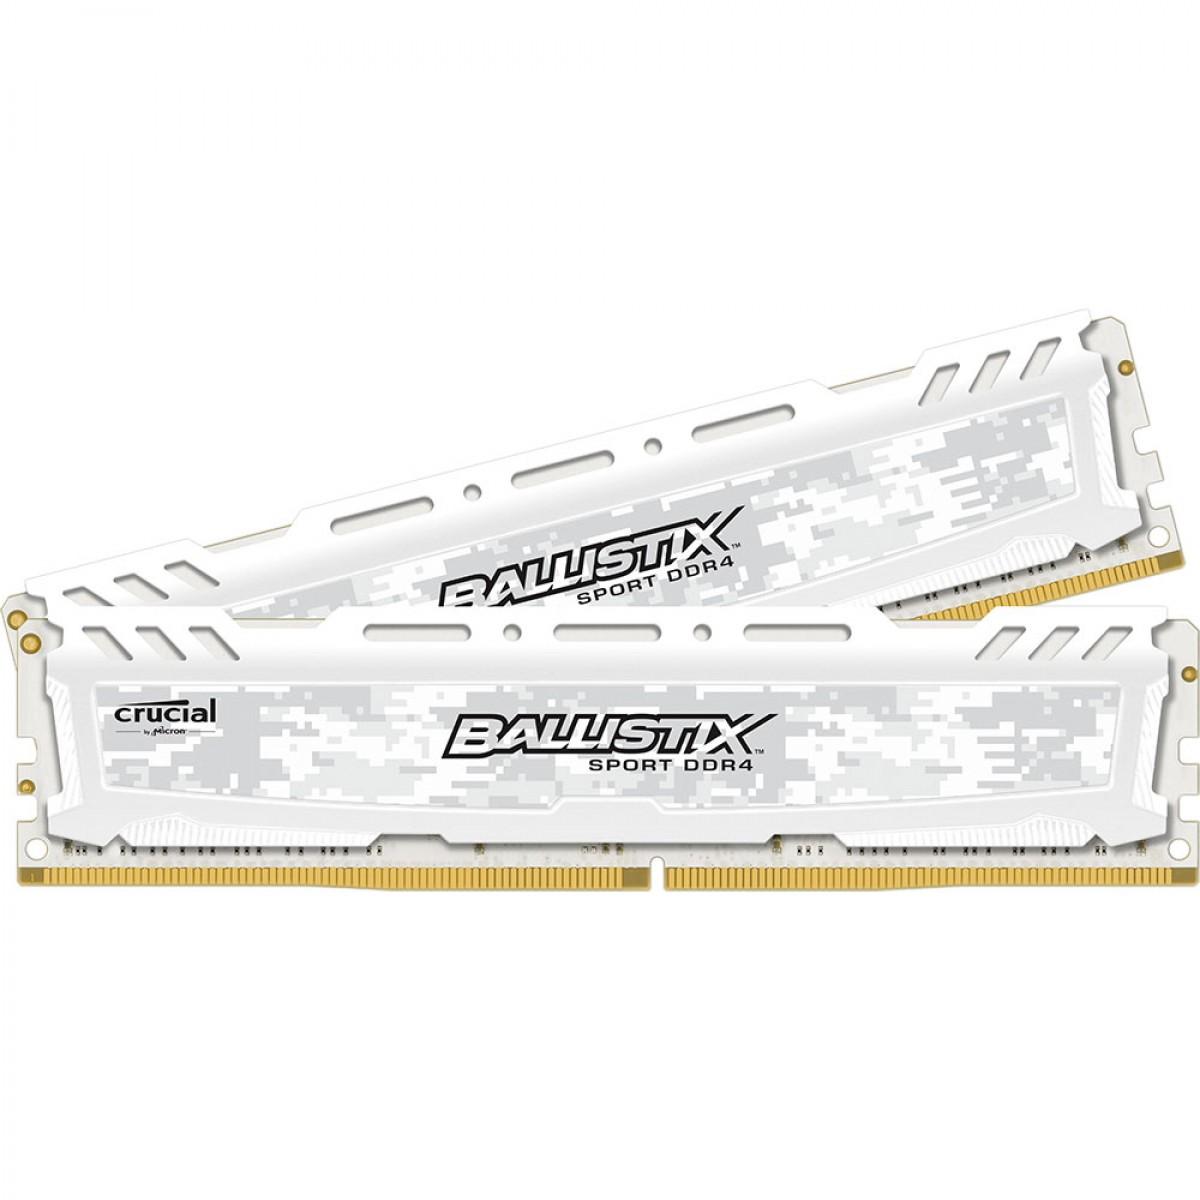 CRUCIAL Ballistix Sport 8GB DDR-4 2400MHz (4GBX2) Memory